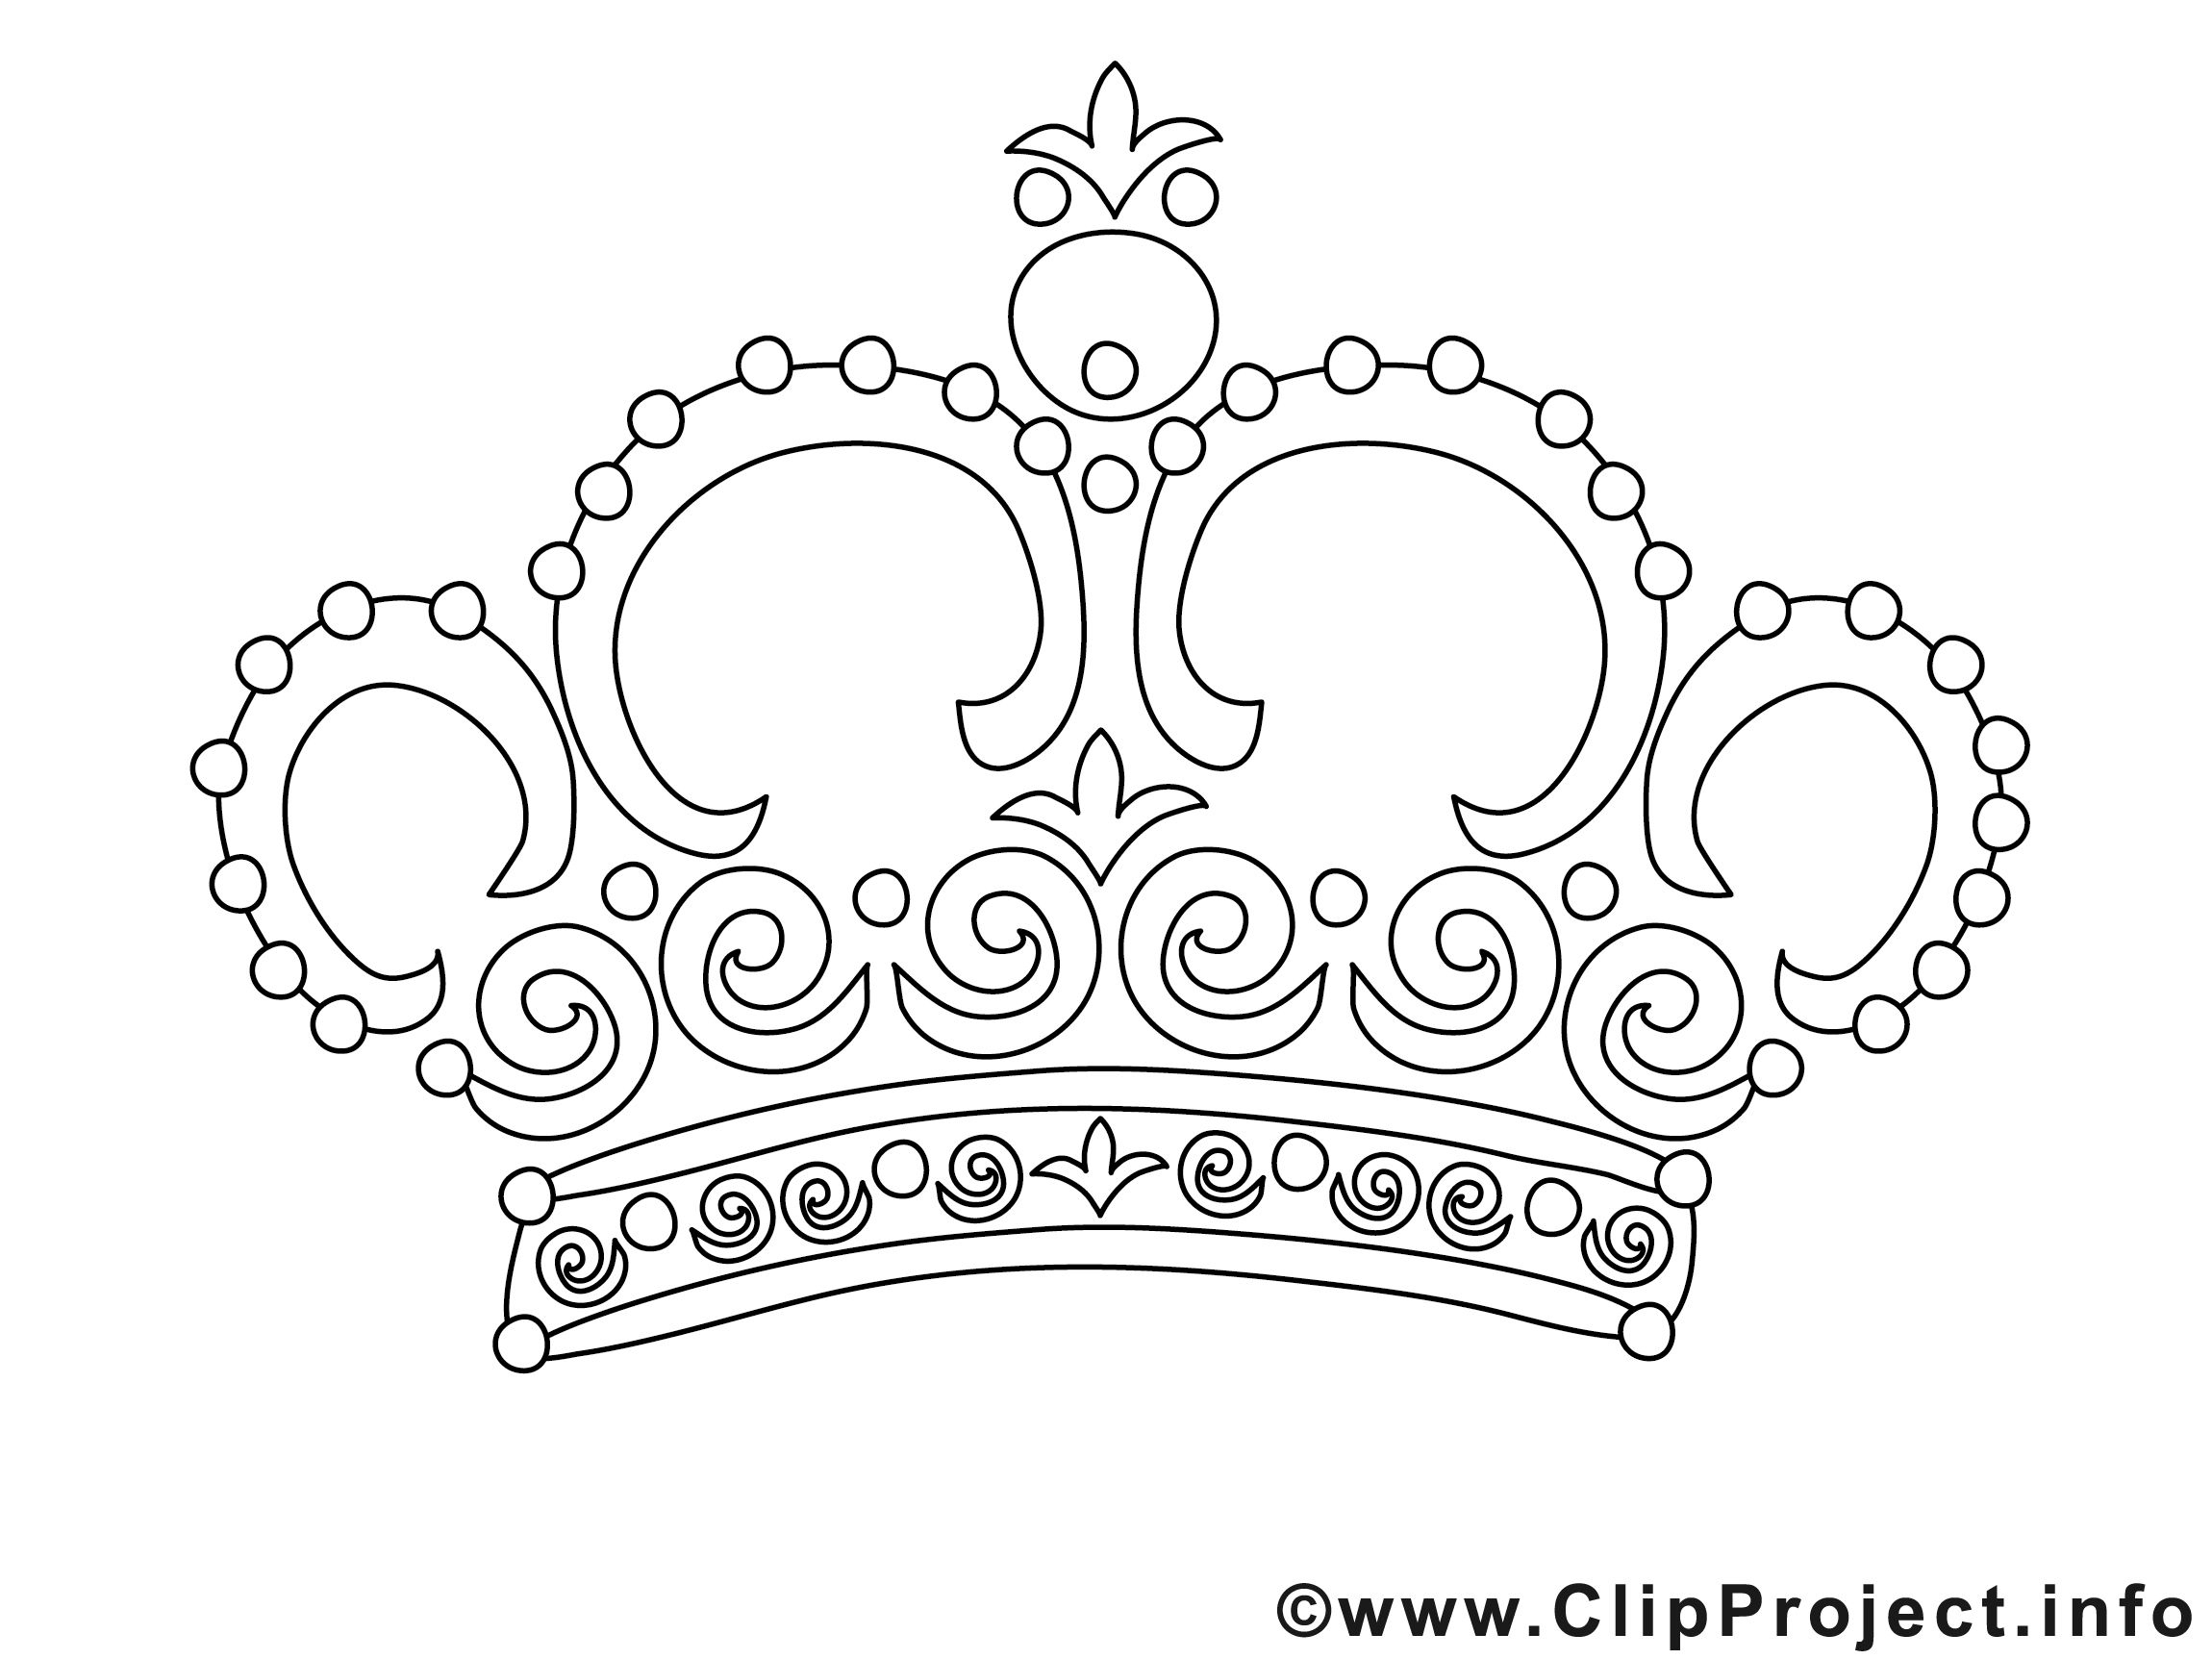 Bildergebnis Für Krone Zum Ausmalen | Malvorlagen, Krone innen Malvorlage Krone